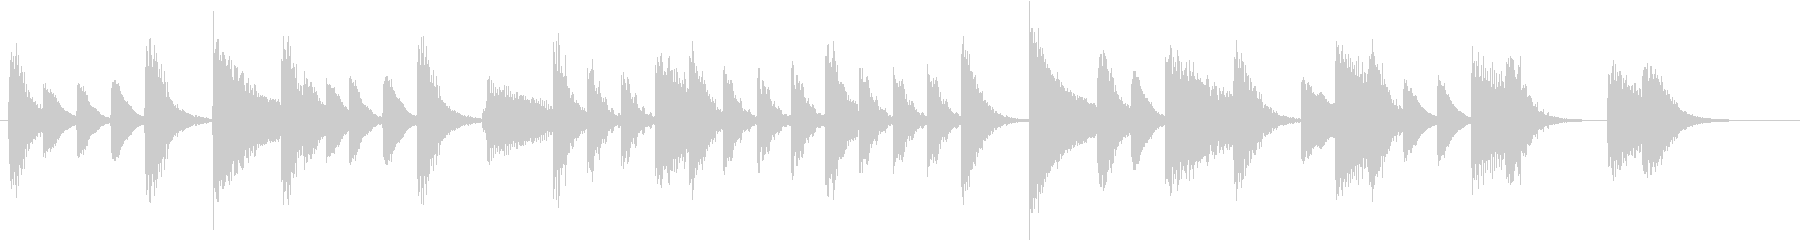 節分に!豆まきモチーフピアノジングルCの未再生の波形